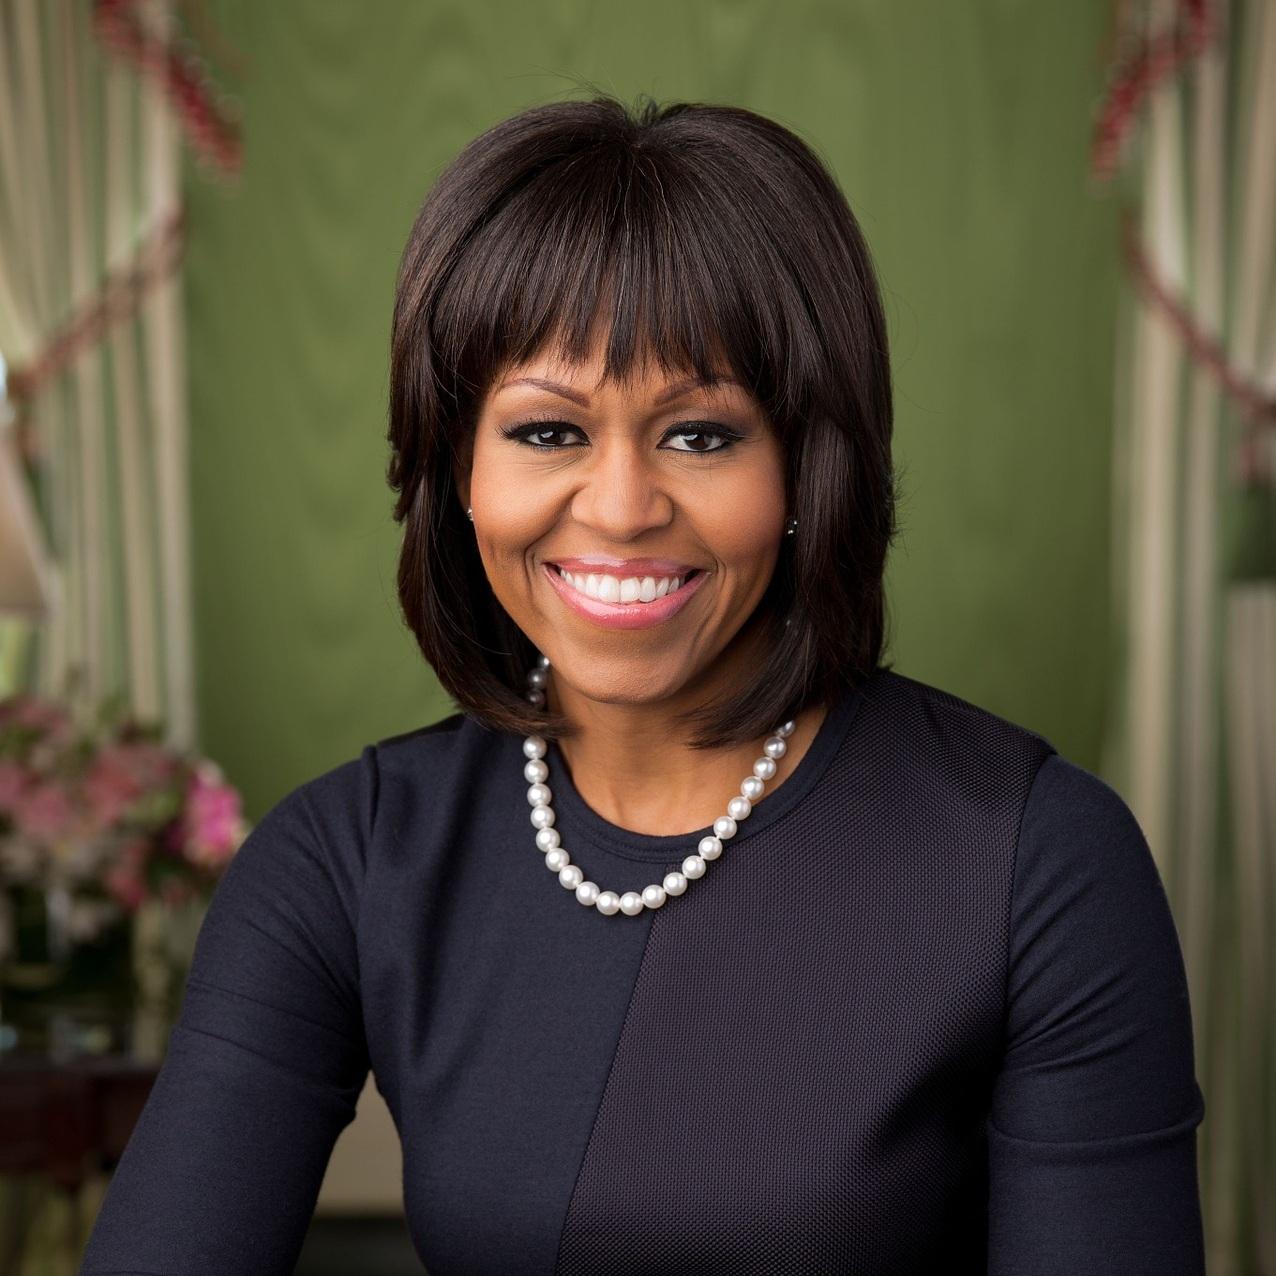 michelle-obama-1129160_1920.jpg